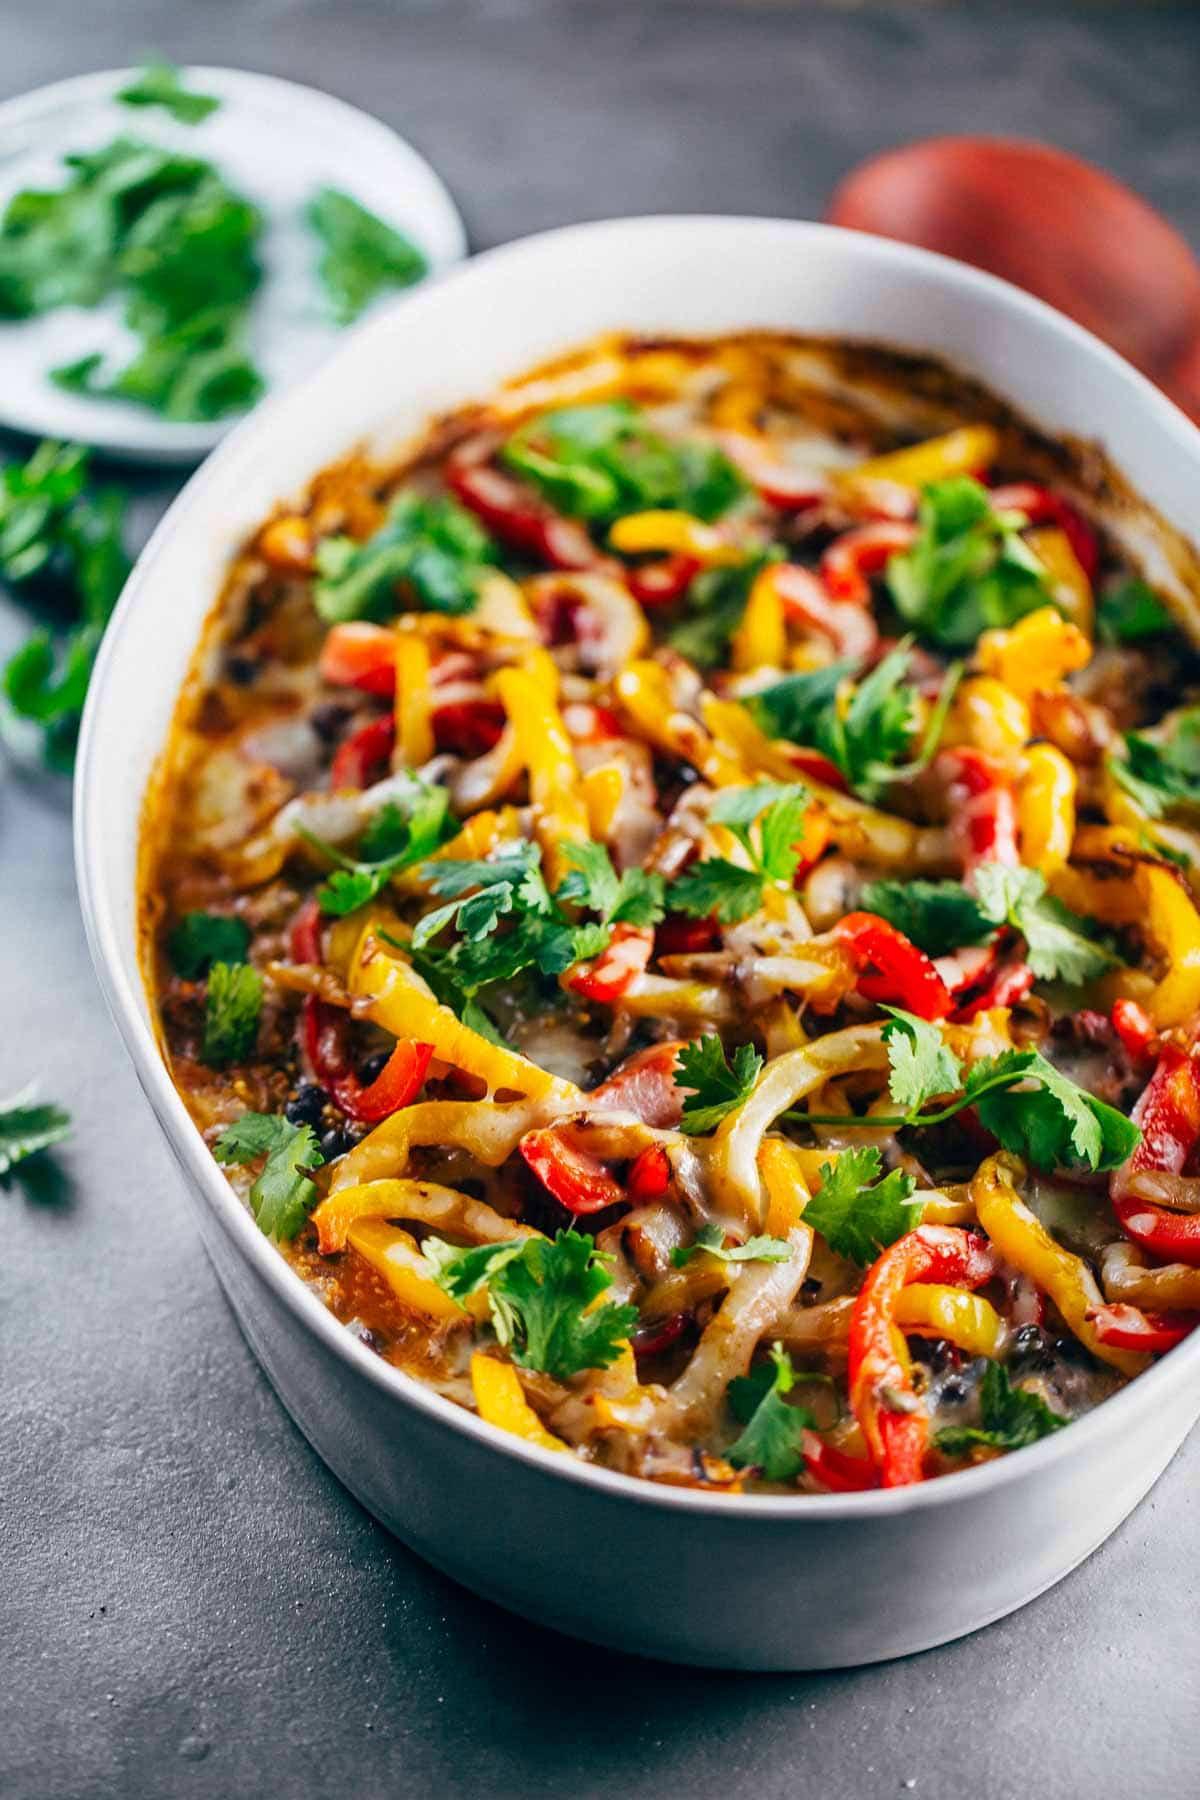 Easy Healthy Chicken Casserole Recipes  Easy Mexican Chicken Quinoa Casserole Recipe Pinch of Yum